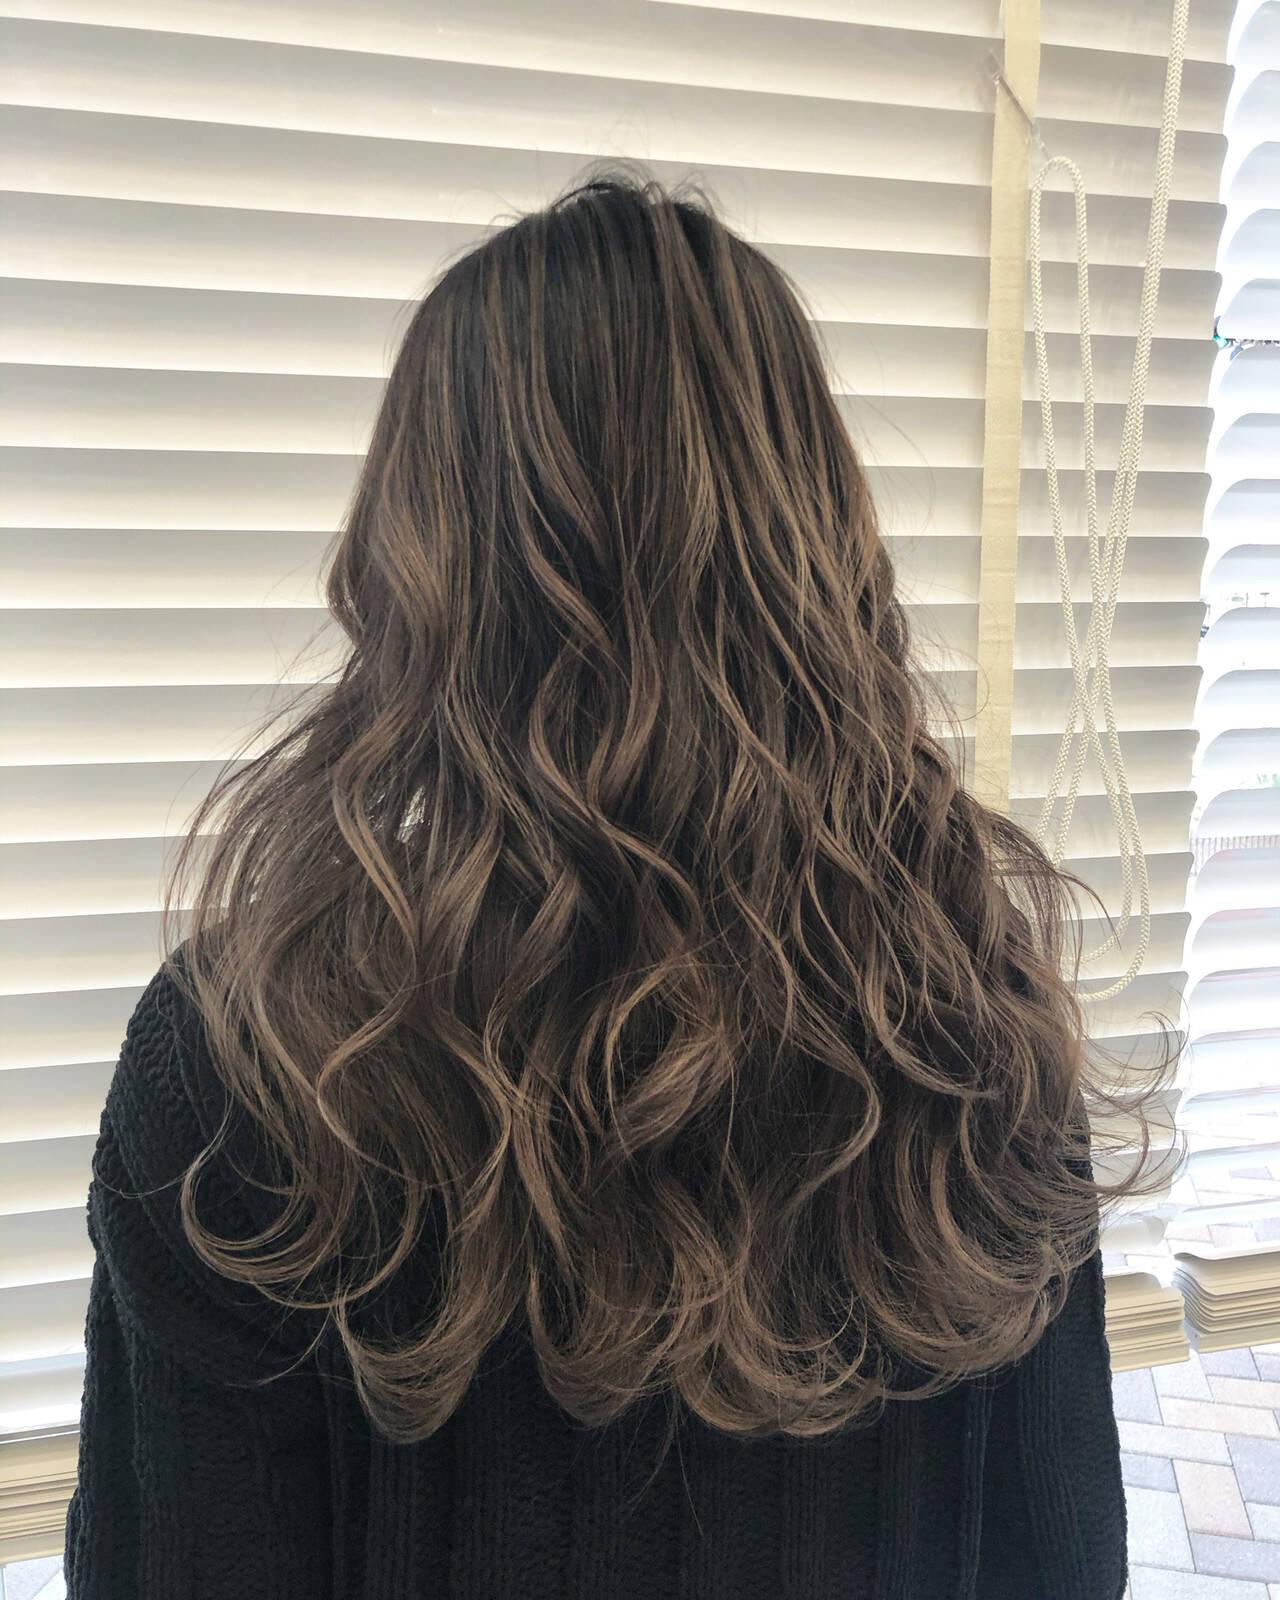 バレイヤージュ ハイライト ロング 学生ヘアスタイルや髪型の写真・画像